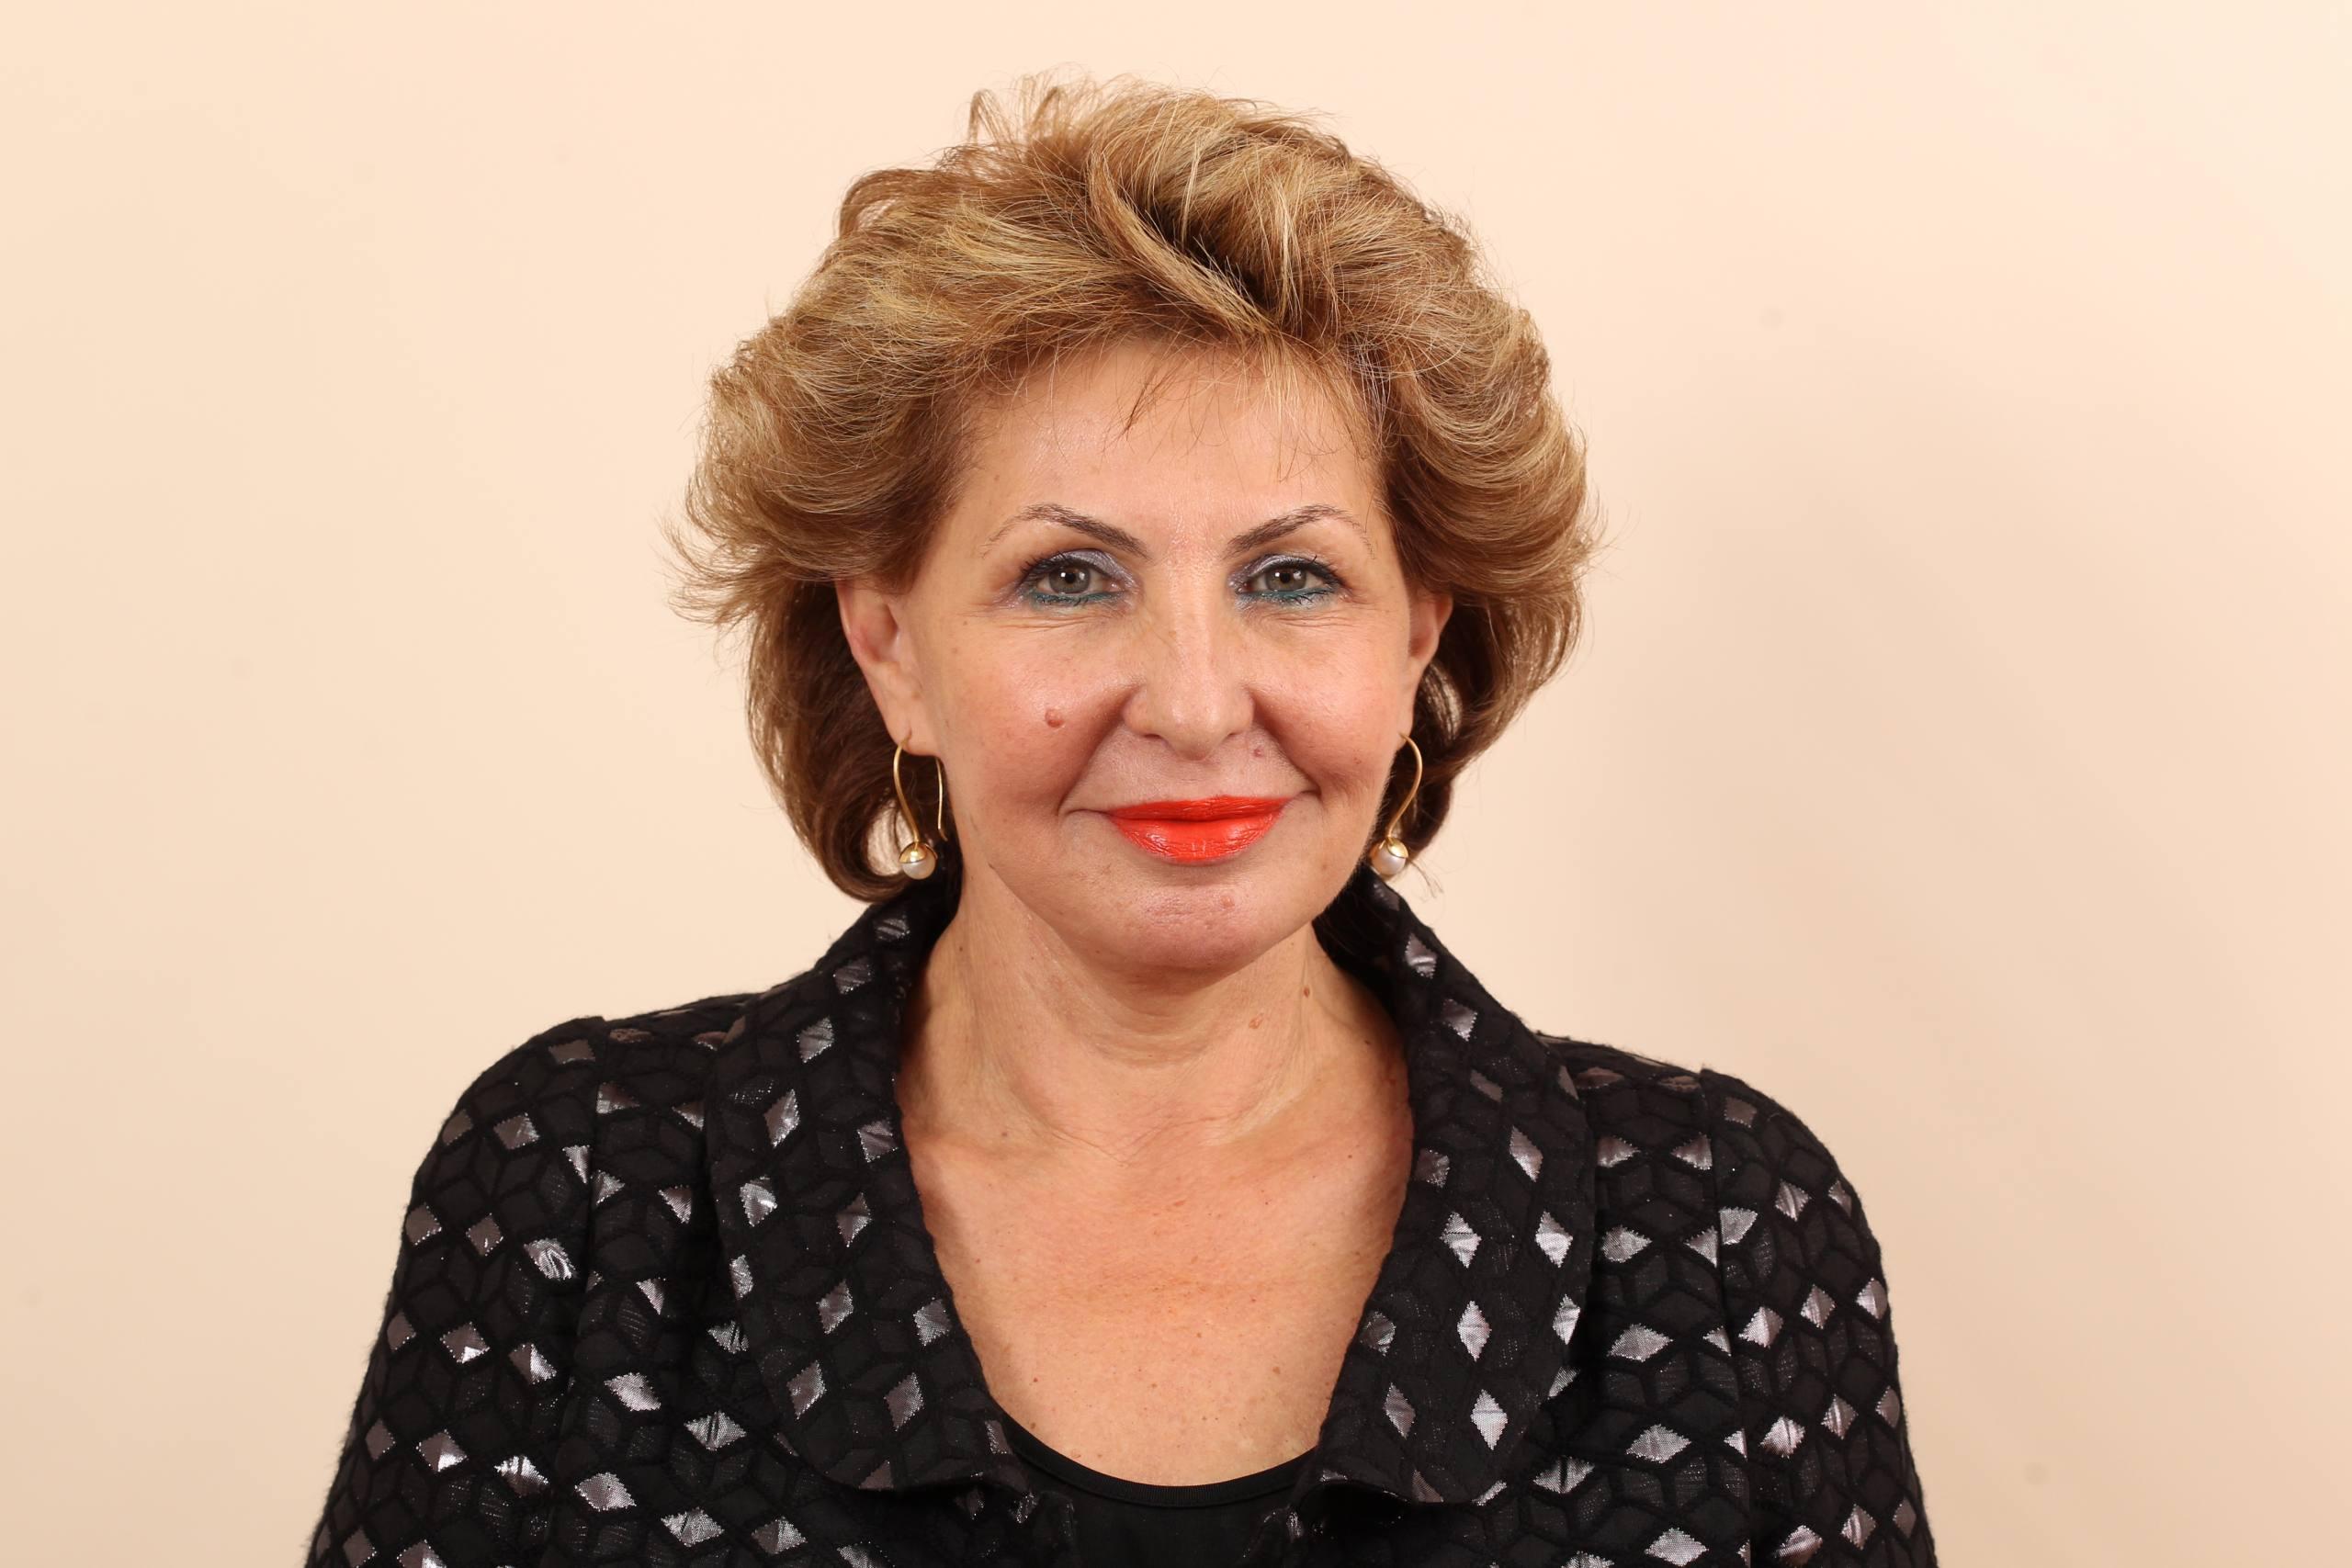 Knesset member Sofa Landver from the Israel Beiteinu party February 3 2013. Photo by Flash90 *** Local Caption *** ñåôä ìðãáø ìðãååø éùøàì áéúðå çáøú ëðñú ôåìéèé÷àéú